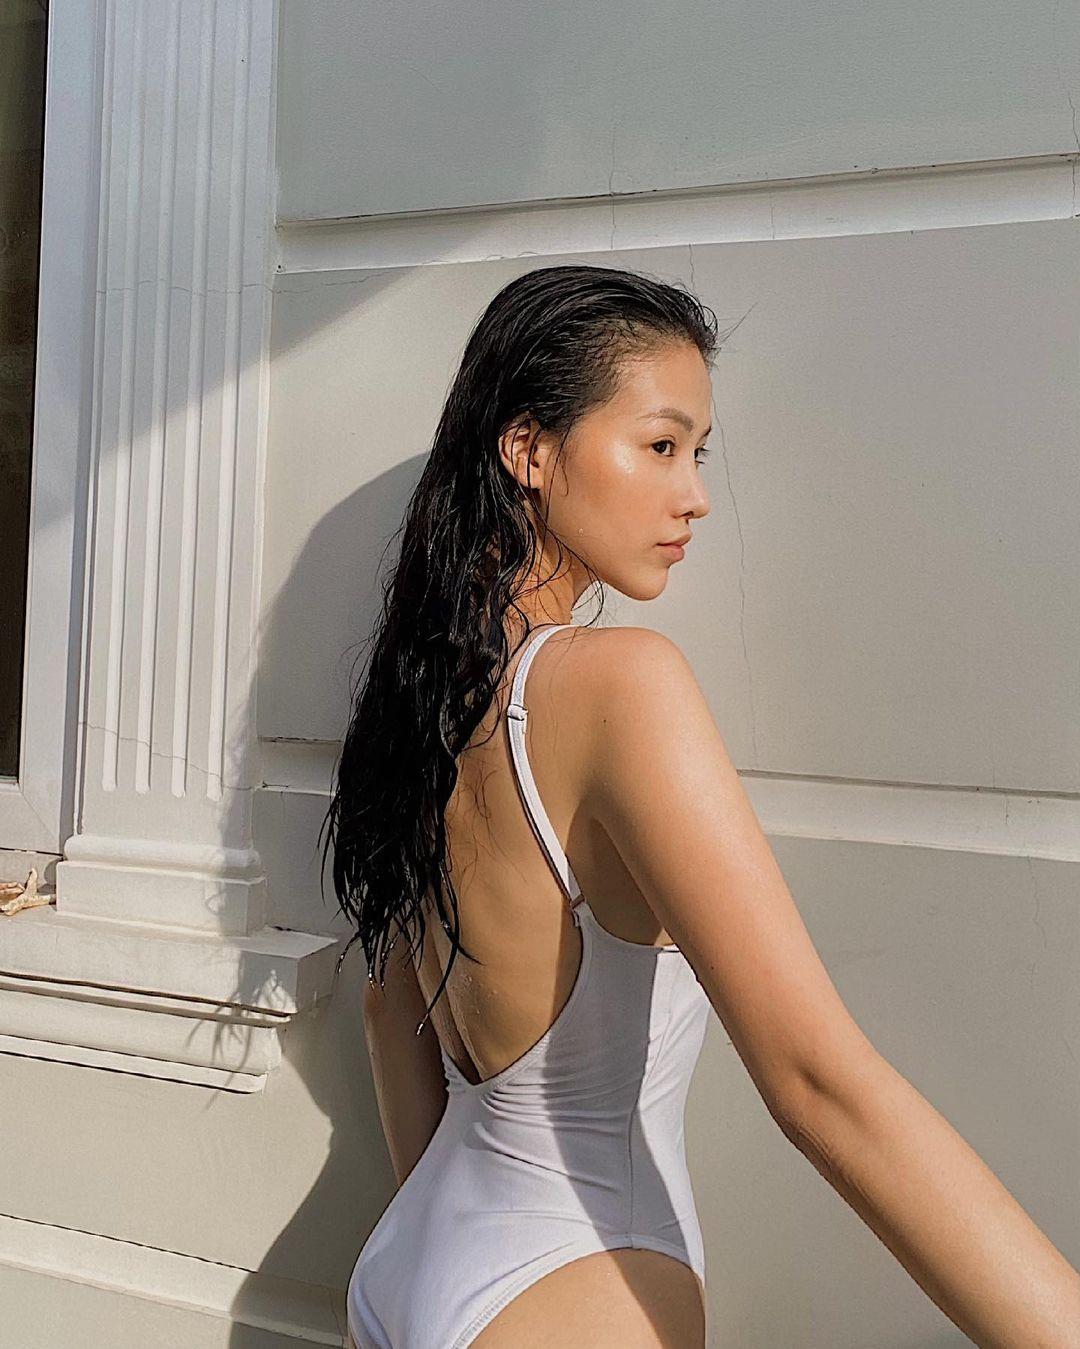 Phương Khánh từng bị rụng tóc đến mức lộ cả mảng hói trên đầu.